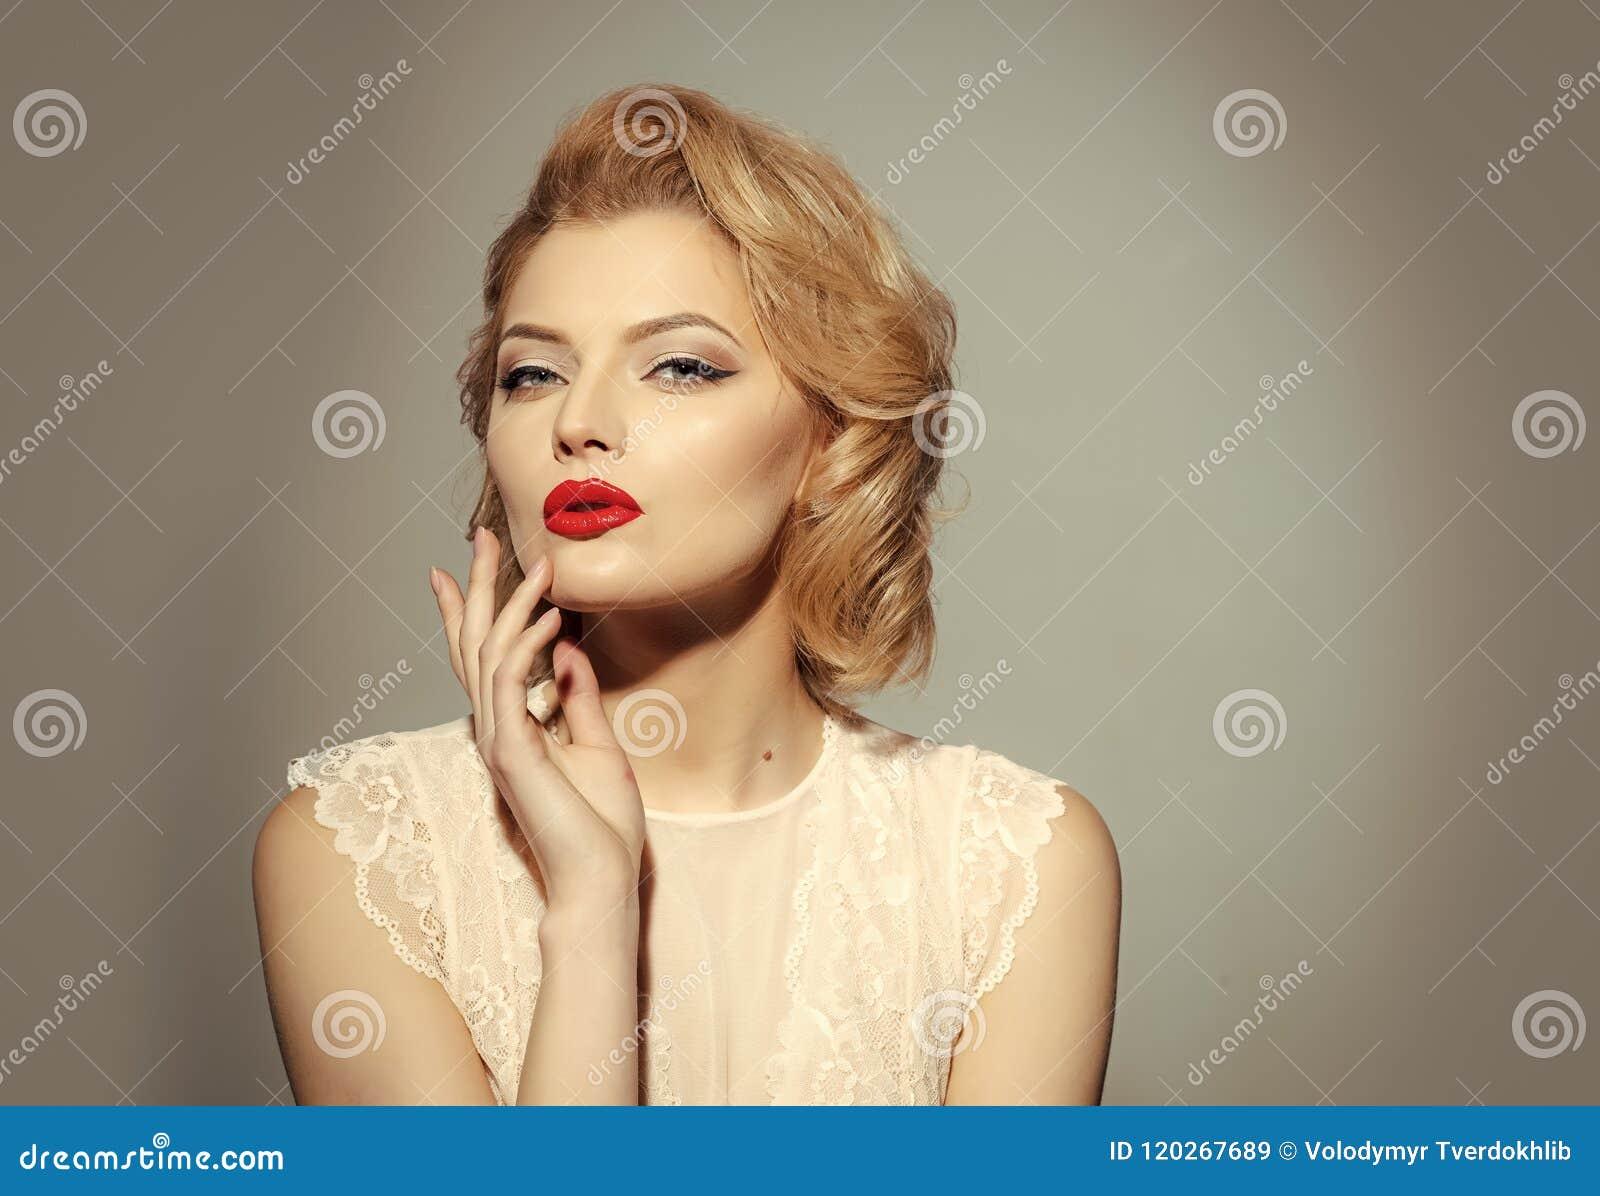 Rétro modèle femme de pose à la mode Vintage, soins de la peau, regard